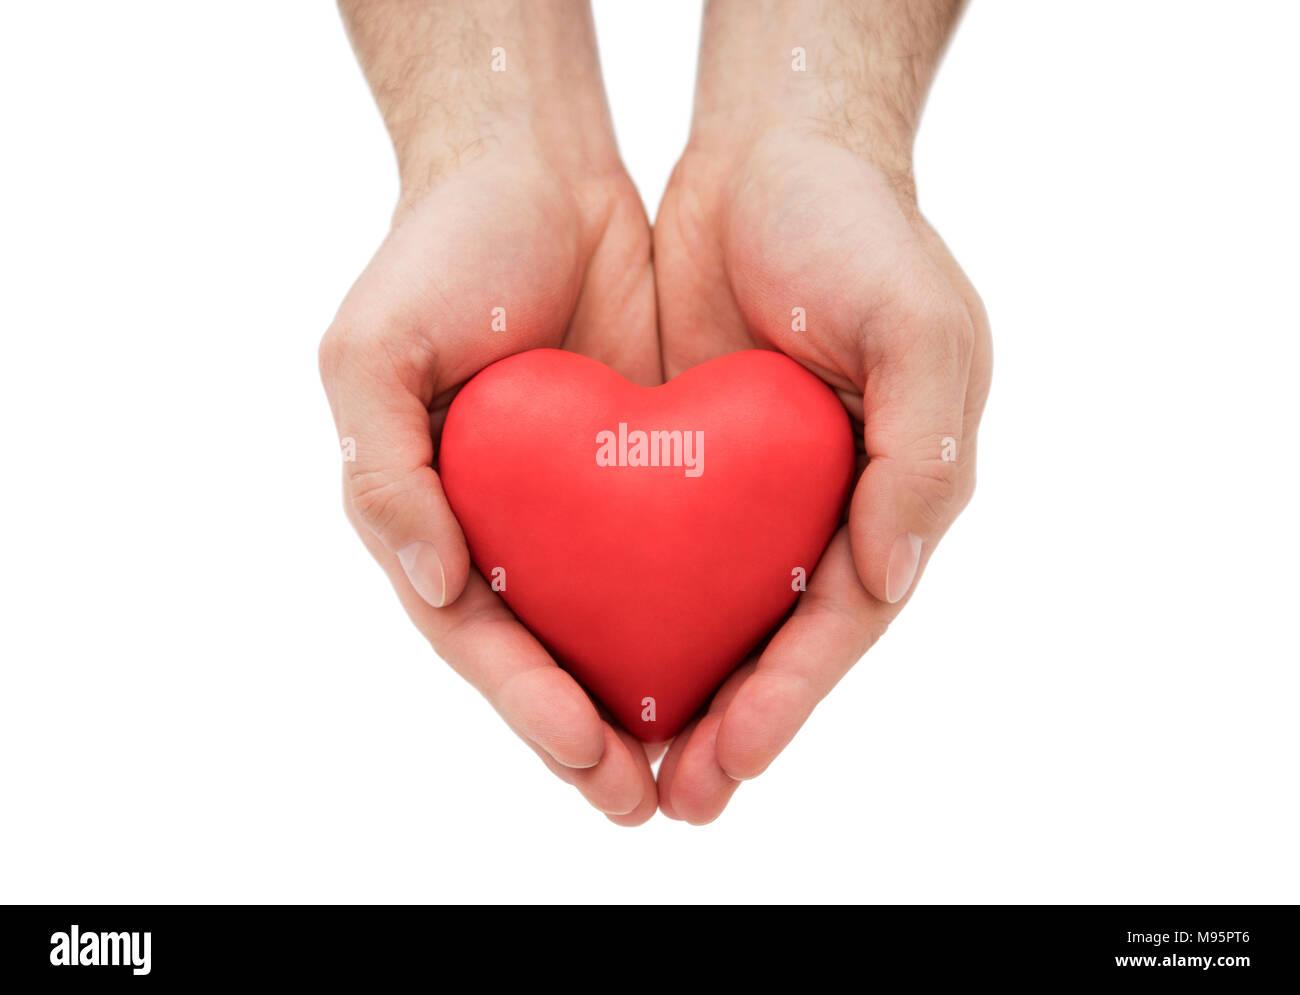 Rotes Herz in den Händen des Menschen. Krankenversicherung oder Liebe Konzept Stockbild